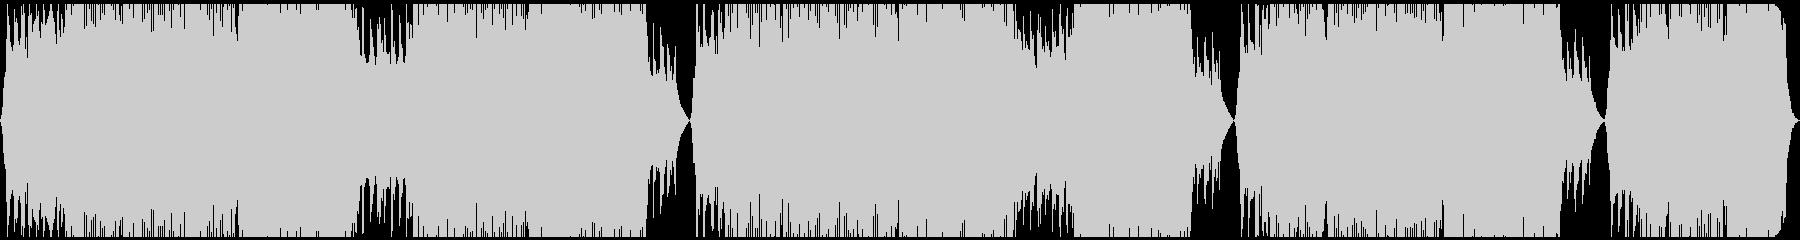 代替案 ポップ 実験的な モダン ...の未再生の波形